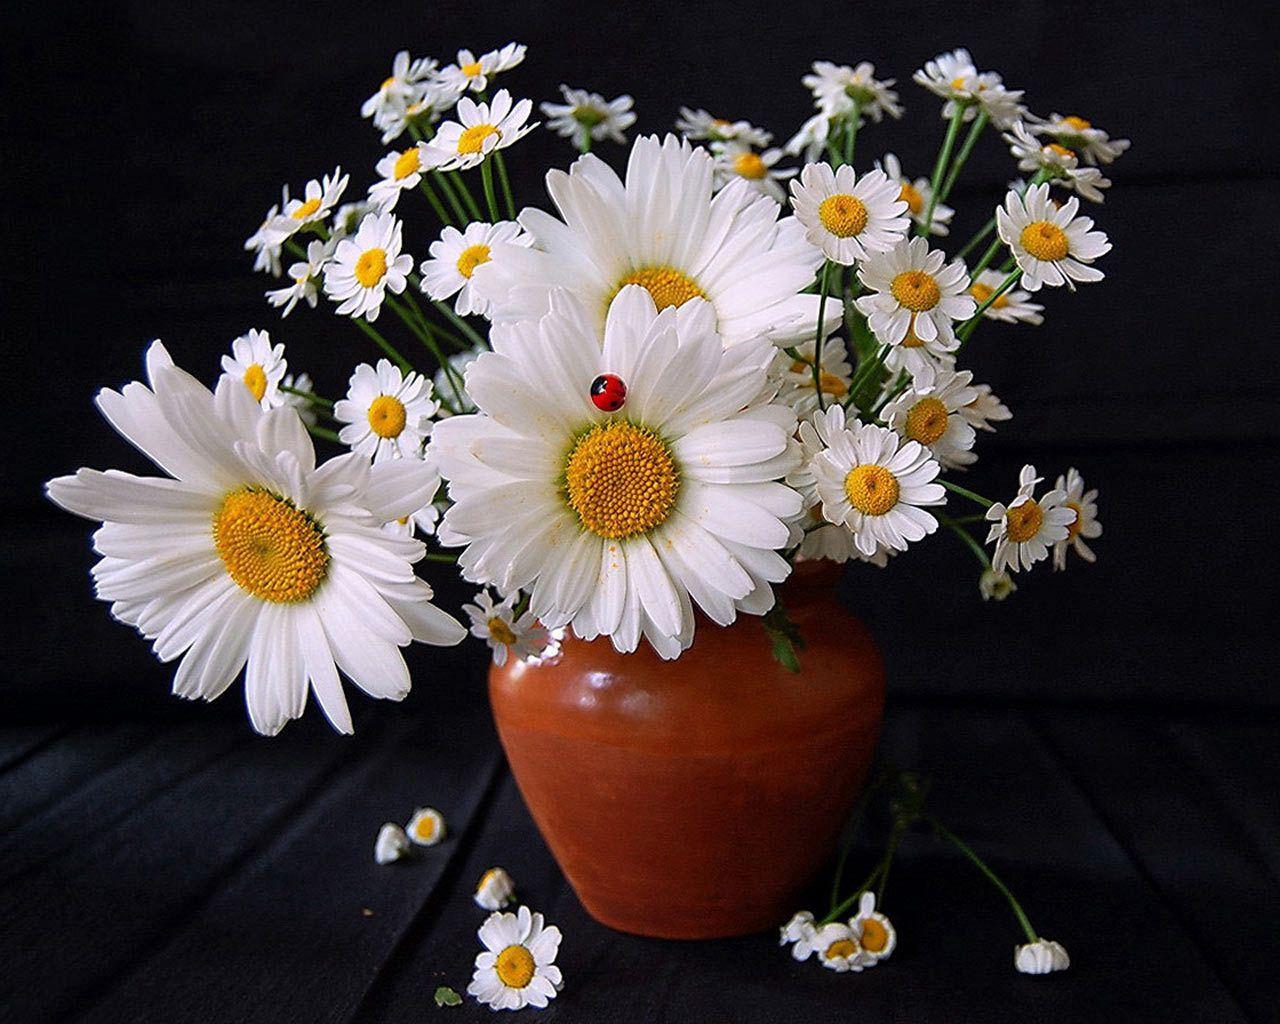 90805 скачать обои Ромашки, Букет, Цветы, Лето, Ваза, Божья Коровка - заставки и картинки бесплатно